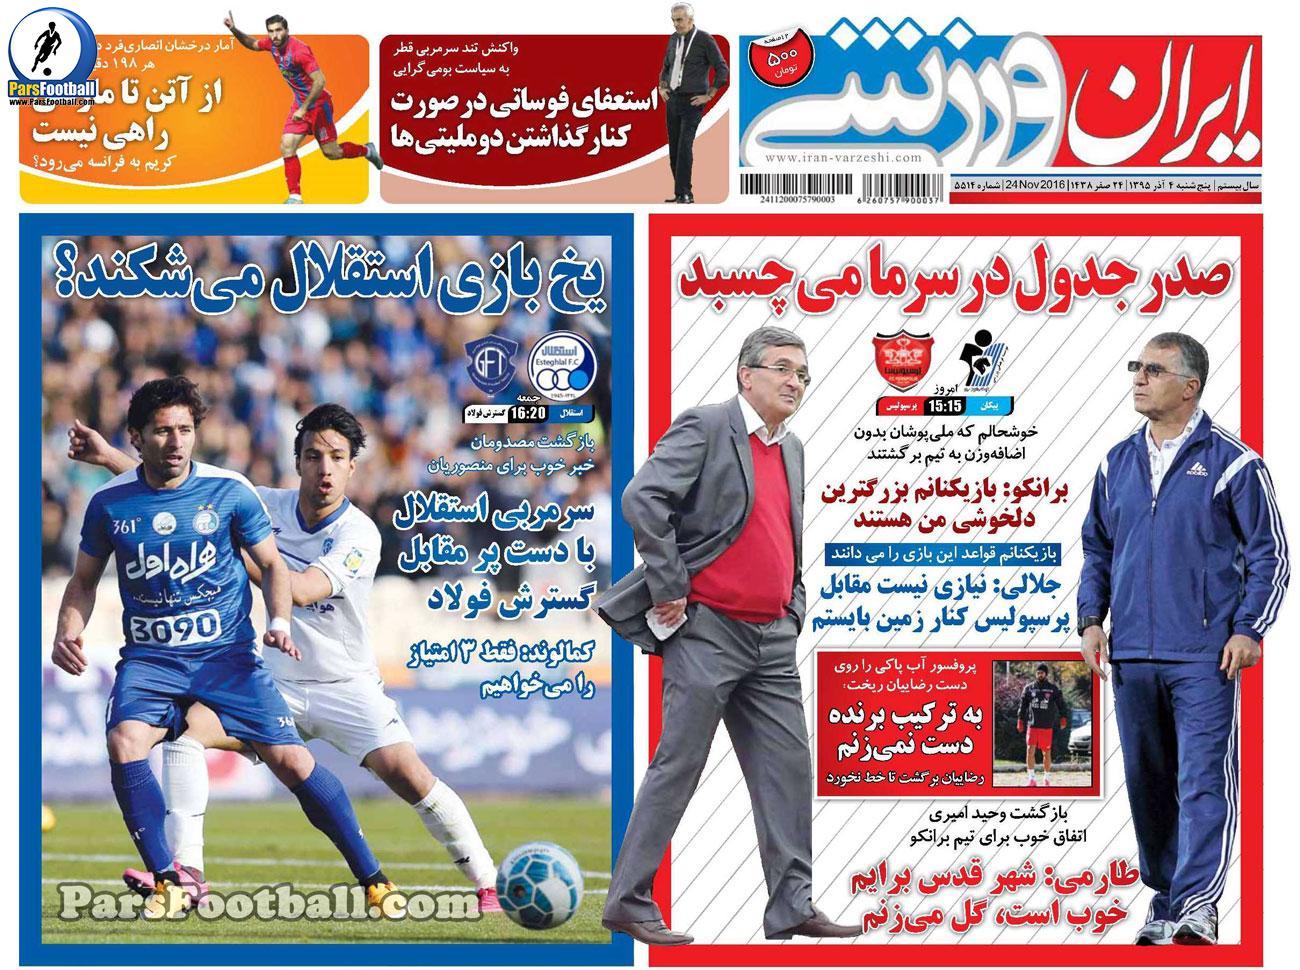 روزنامه ایران ورزشی پنجشنبه 4 آذر 95